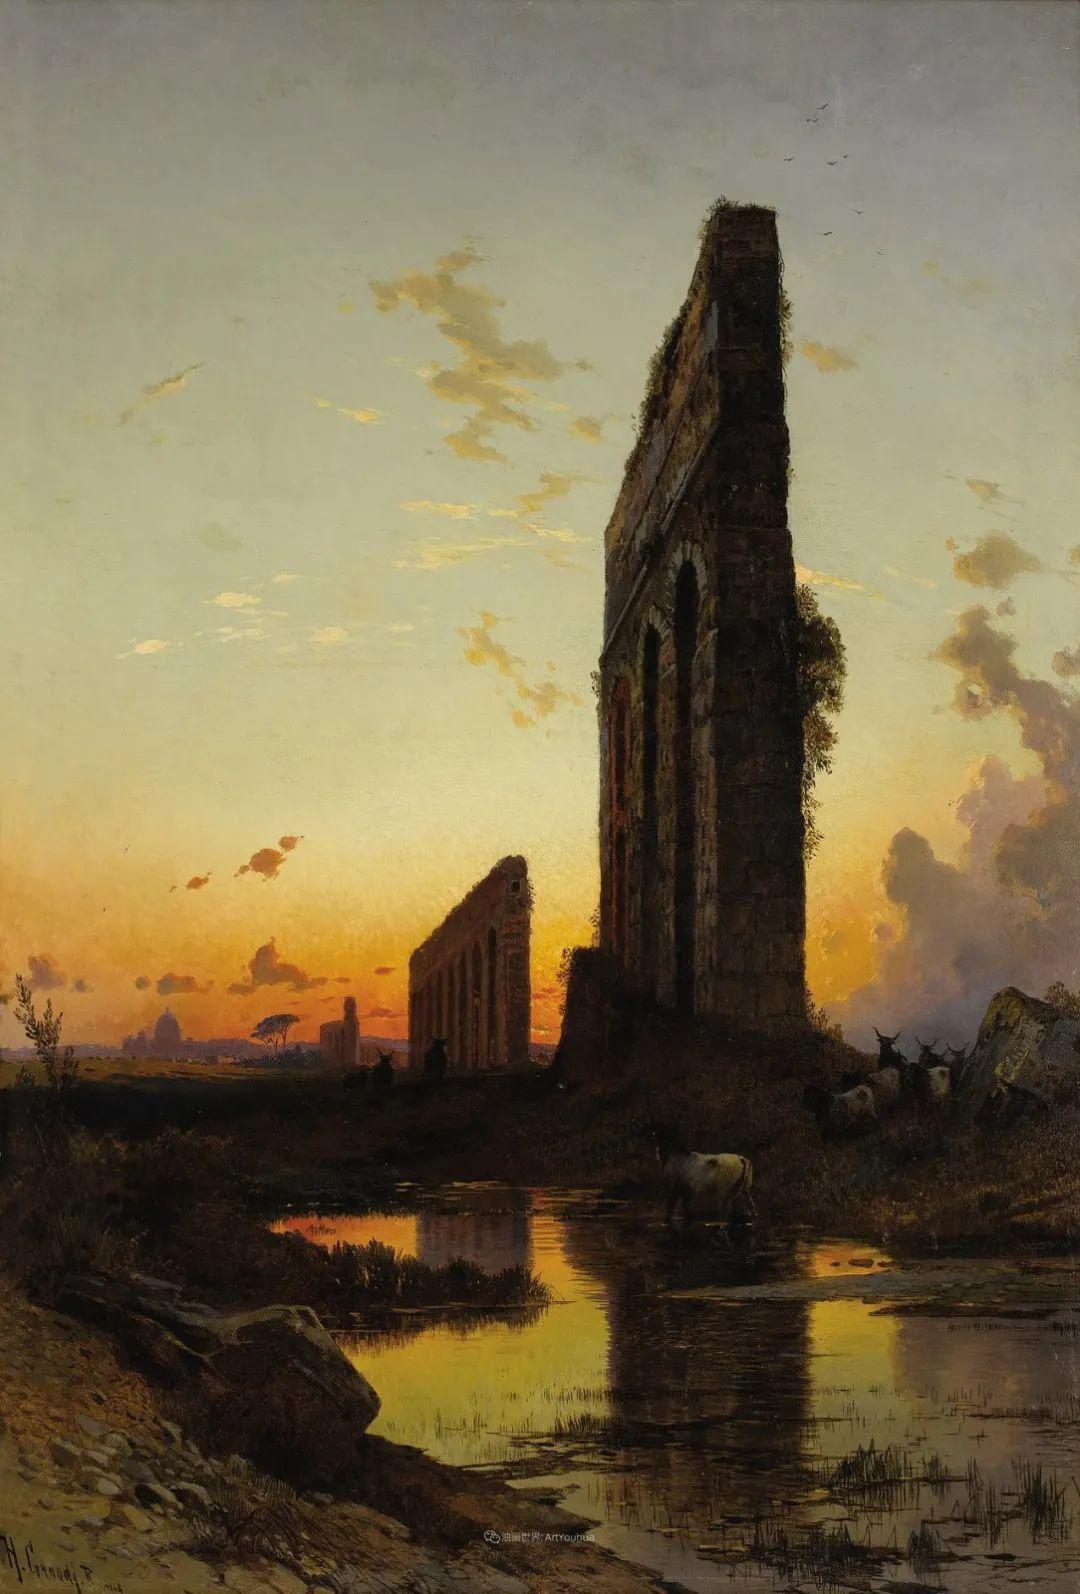 百年前的巨幅风景画,恢弘壮丽!插图91